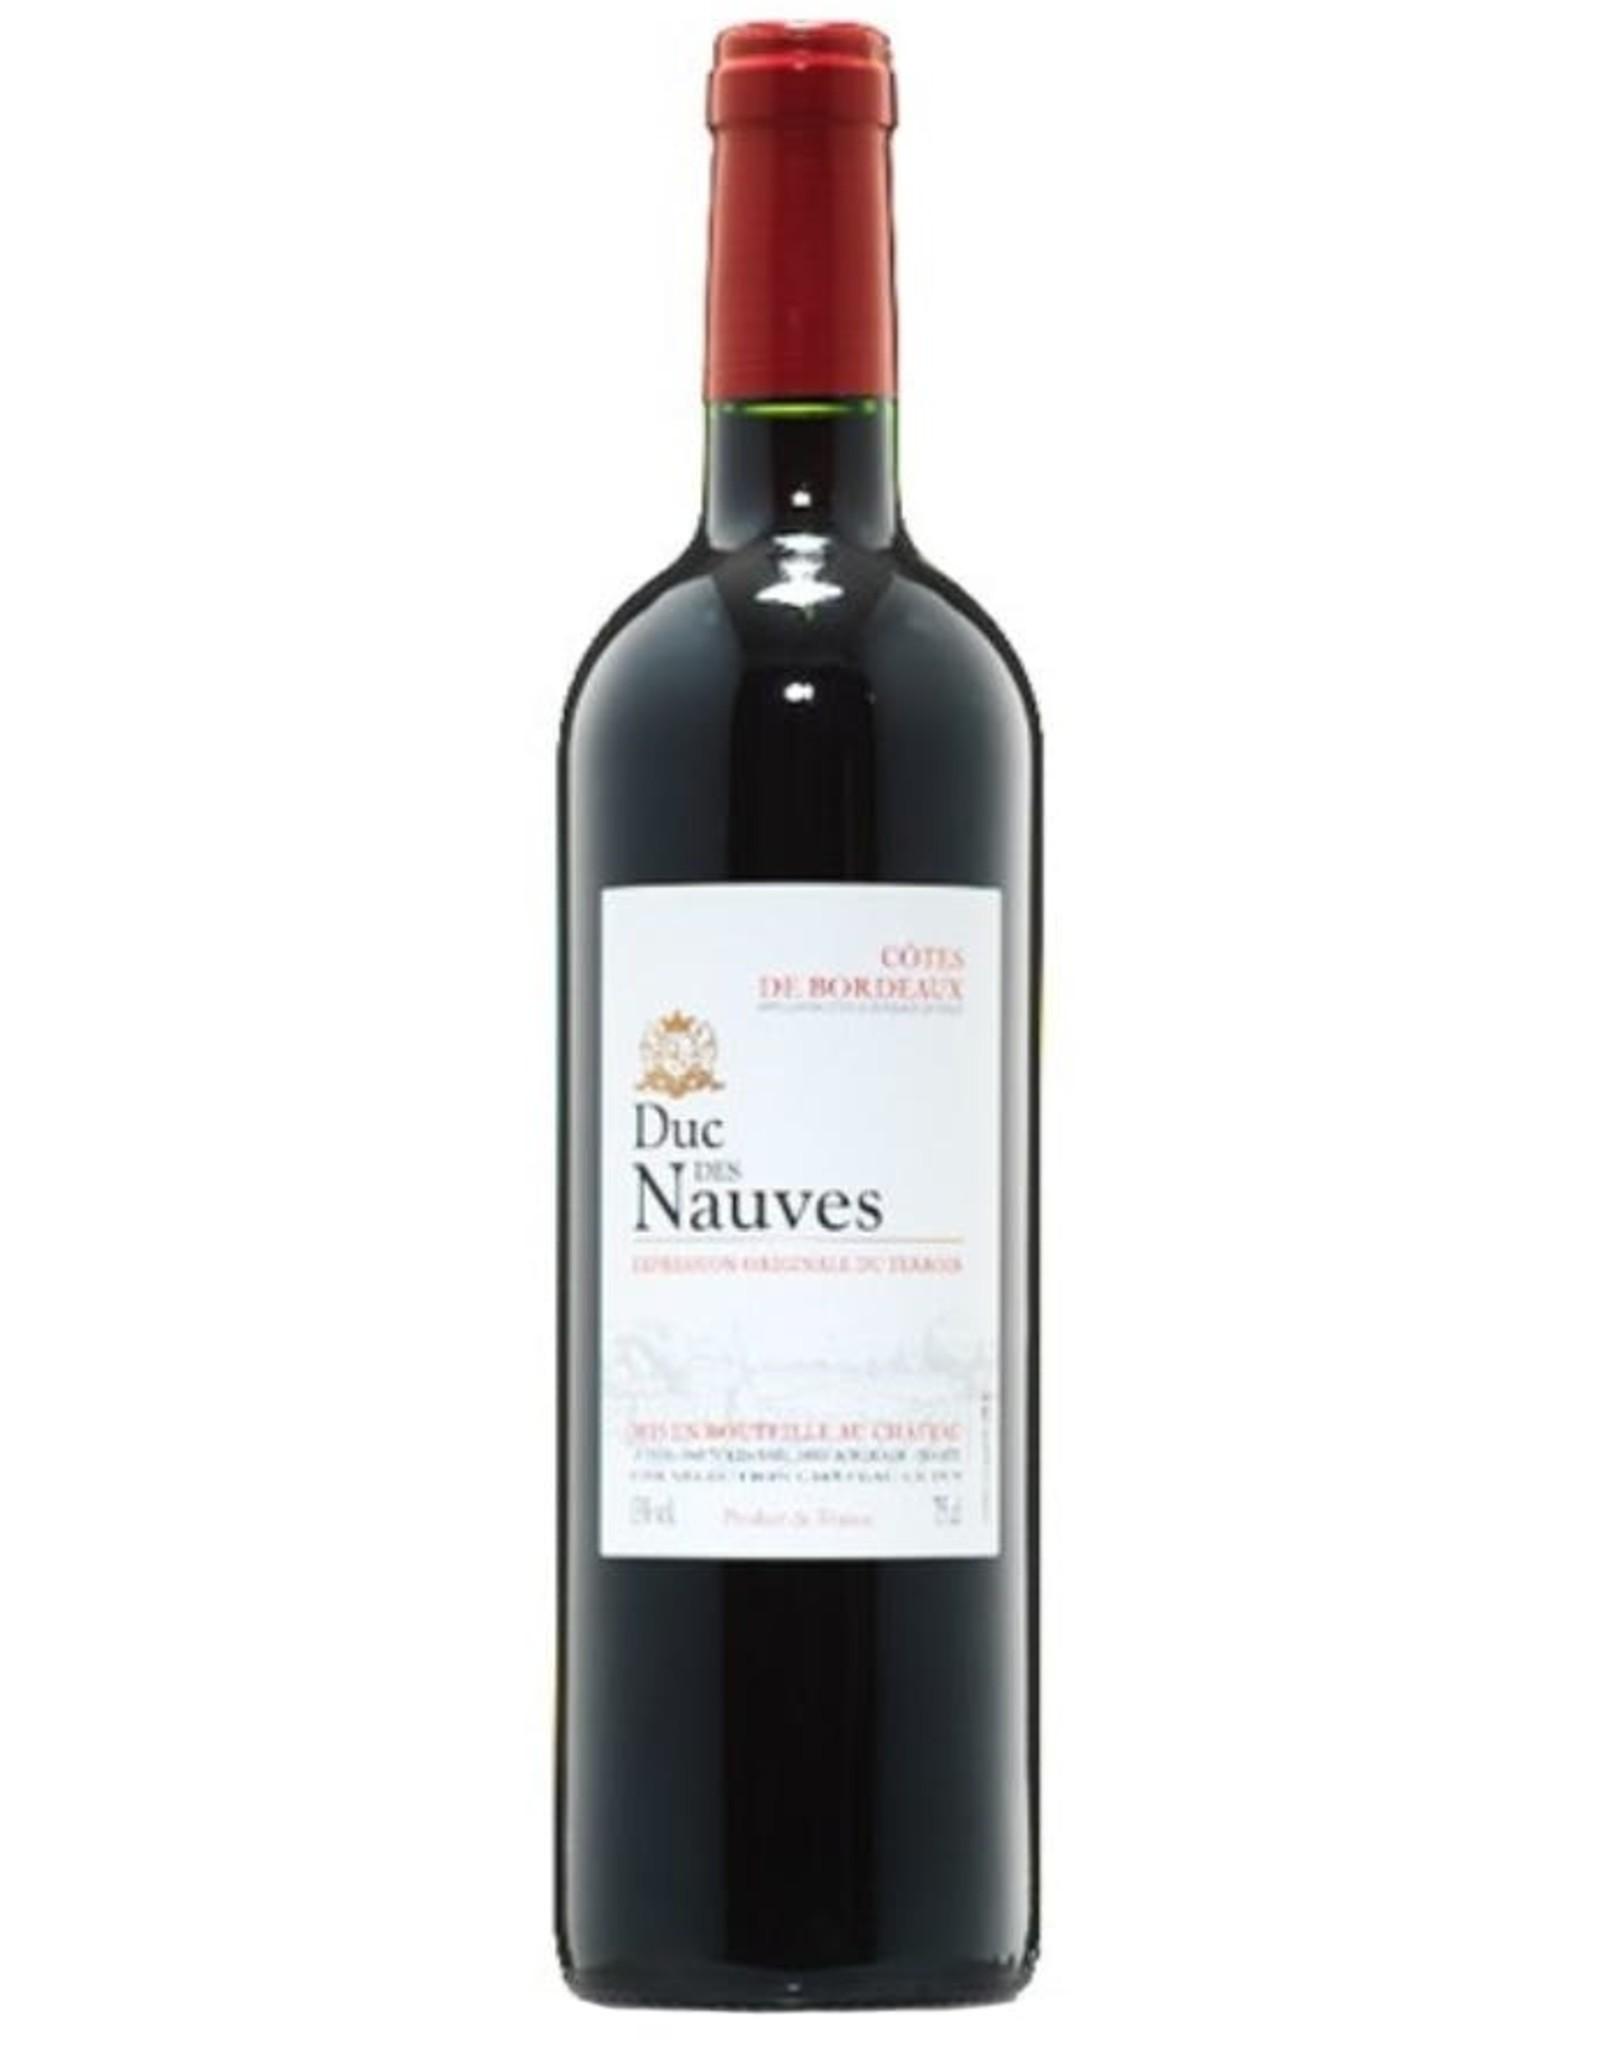 Ch. Le Puy Duc des Nauves Bordeaux